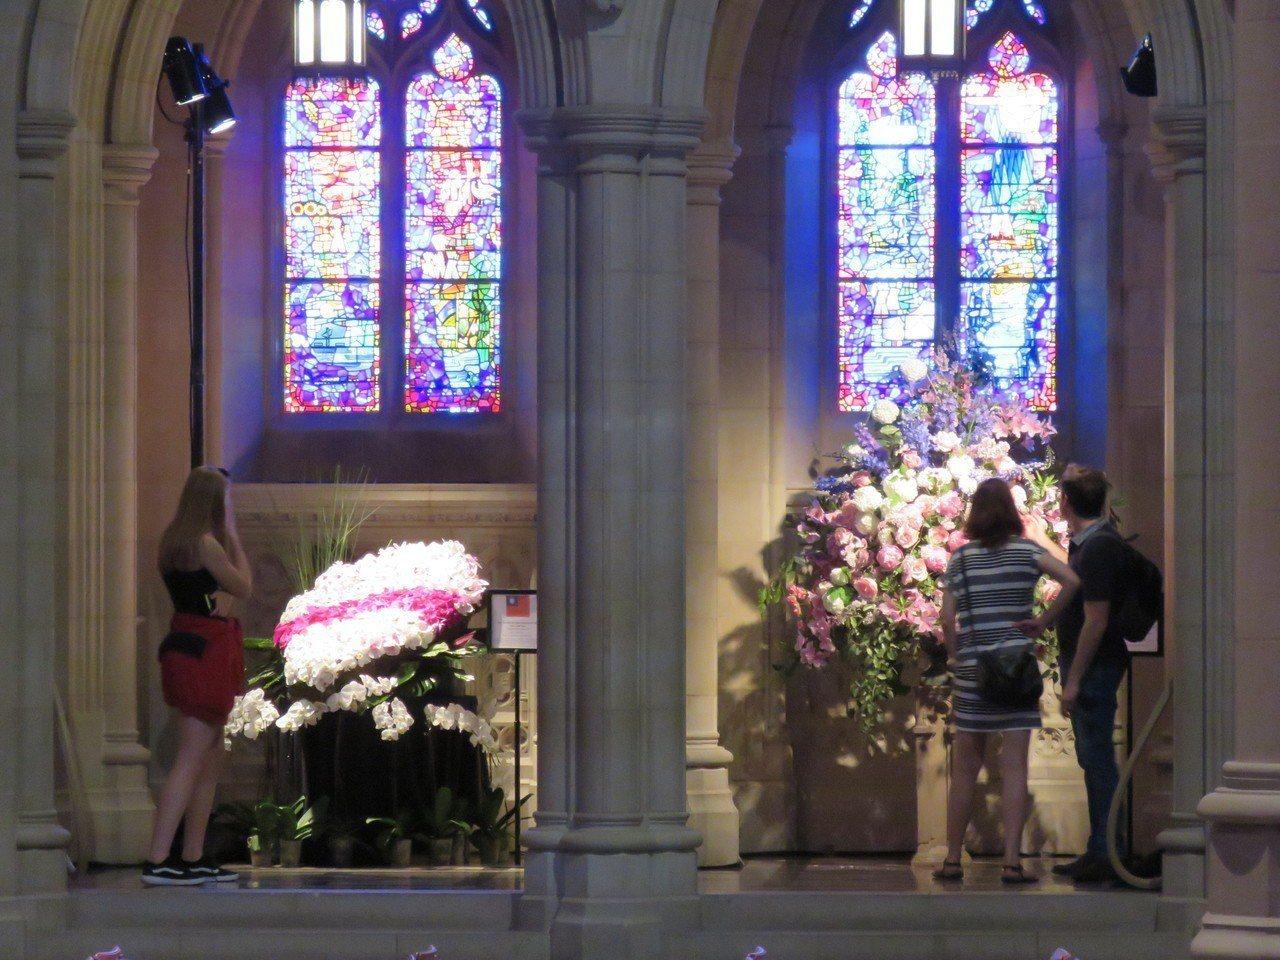 華府國家大教堂3日至4日舉辦花市活動,吸引許多民眾。華盛頓記者張加/攝影